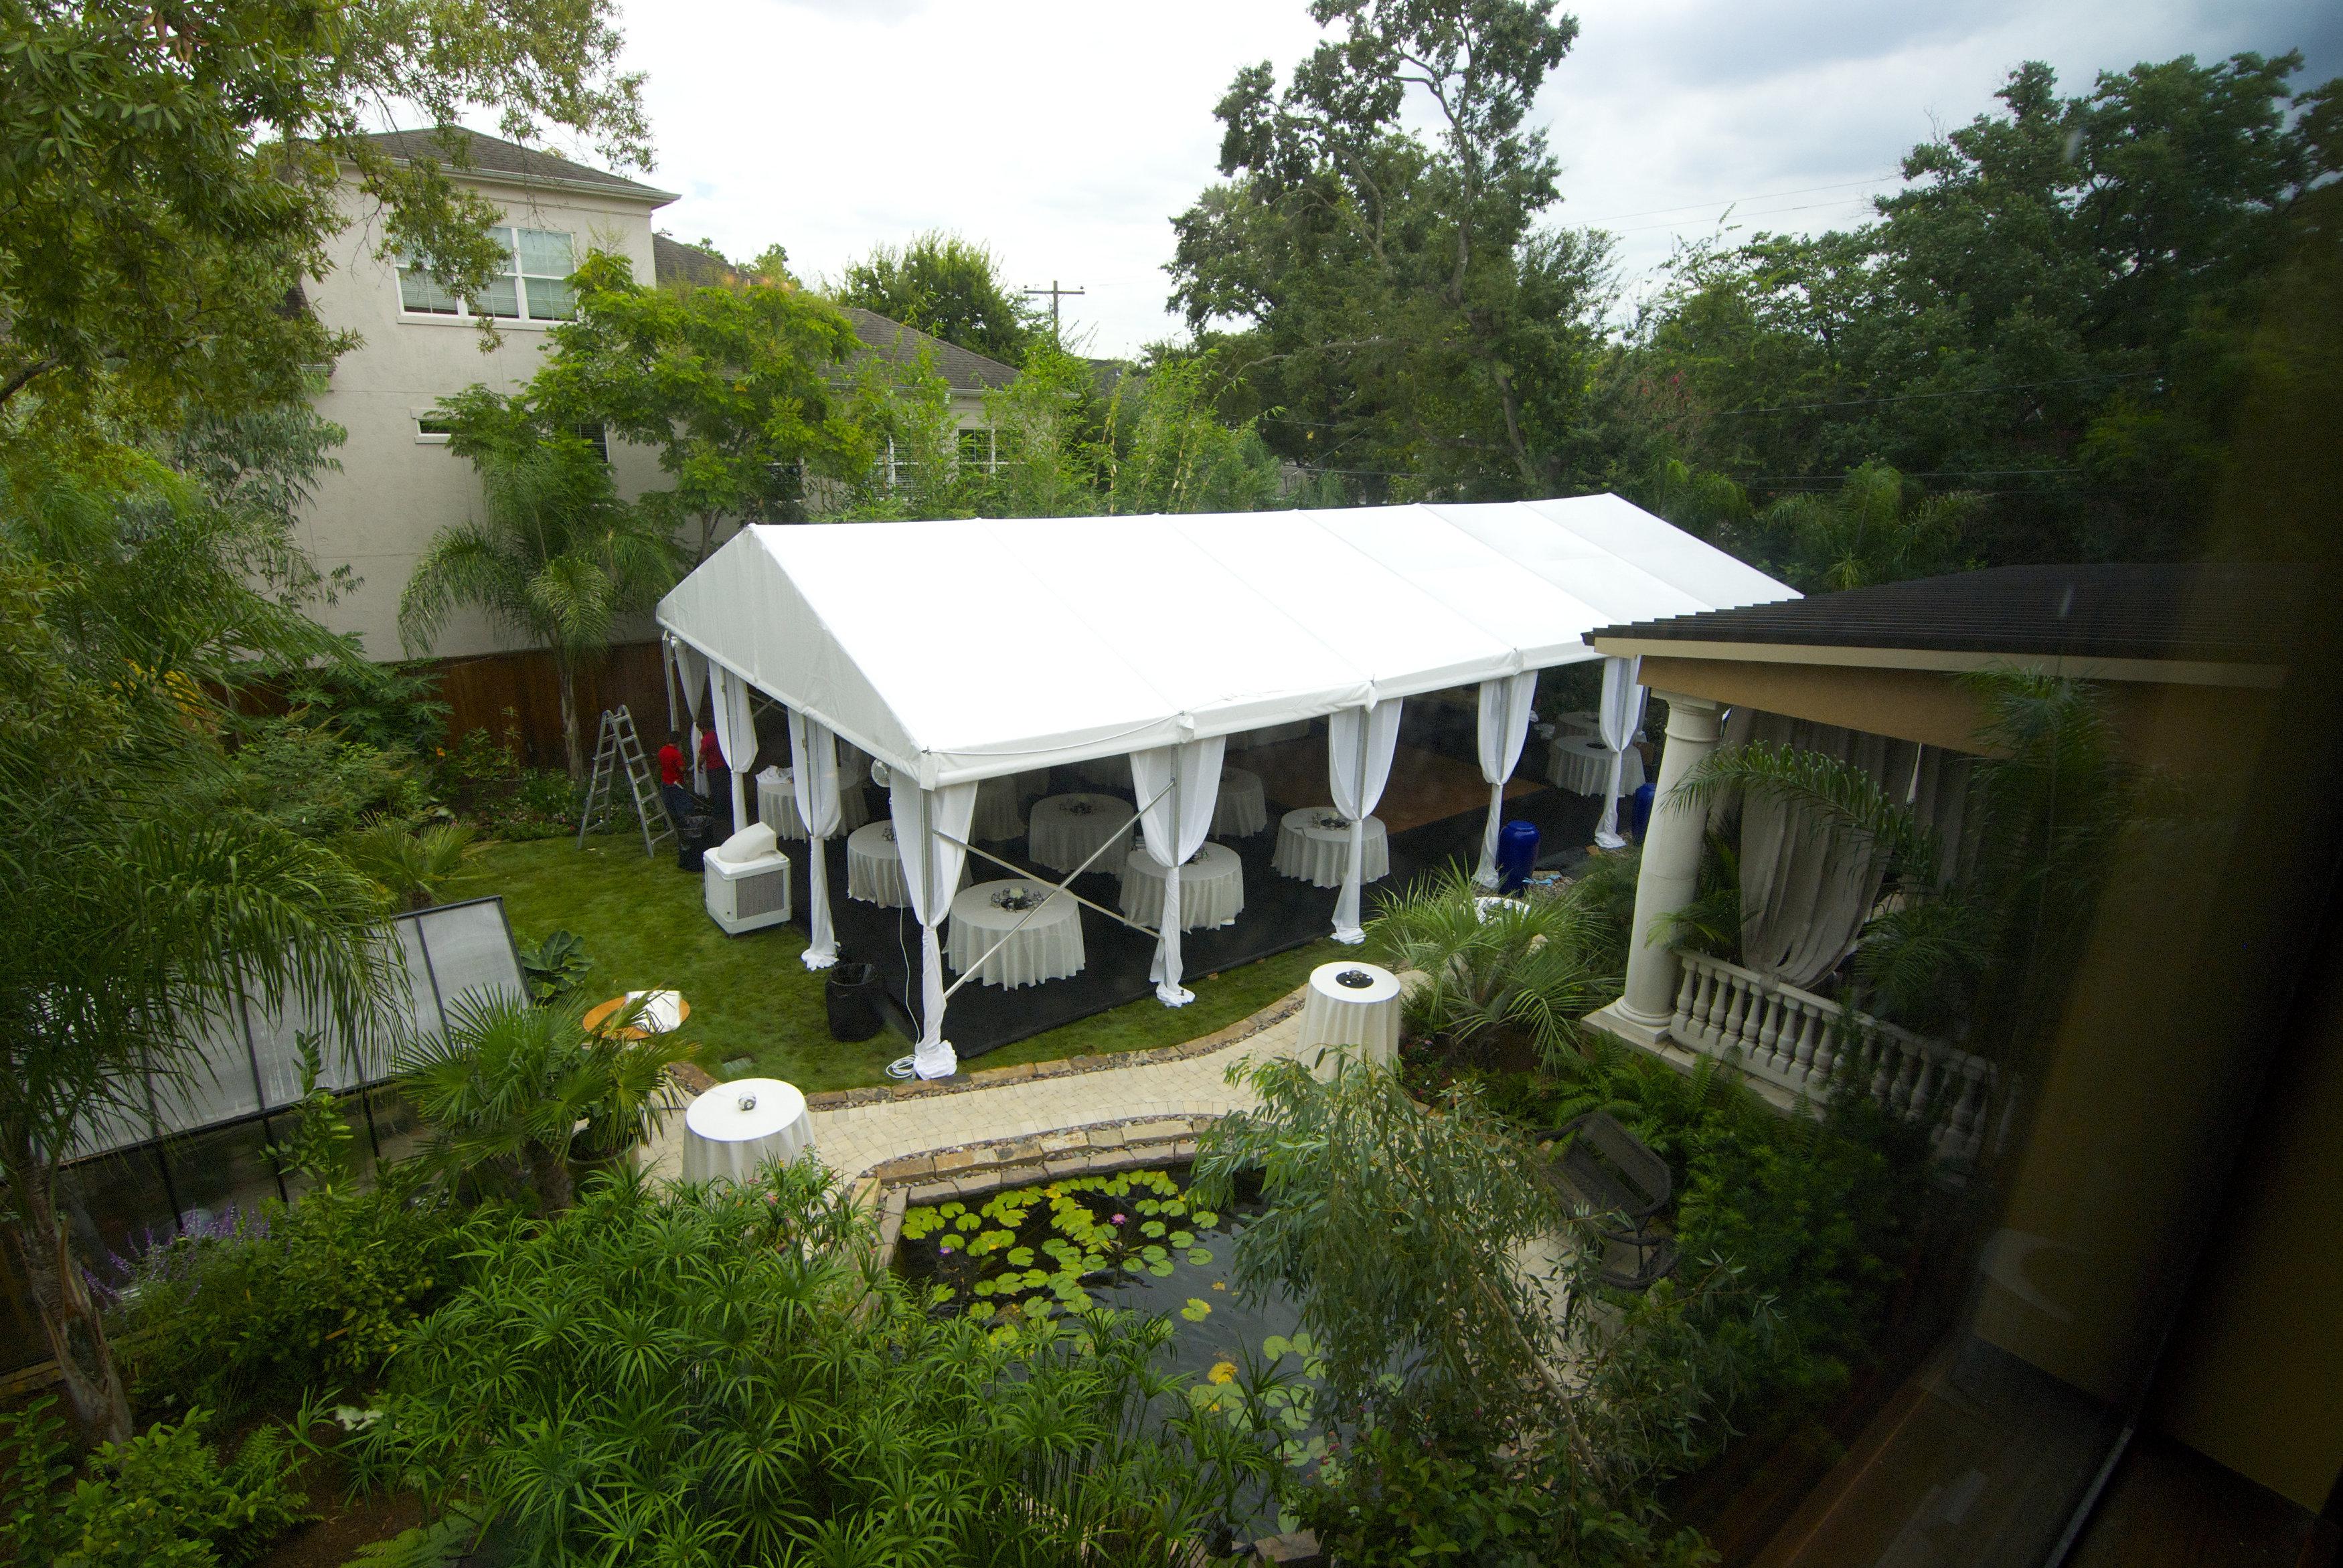 White Frame Tent Rental Overhead